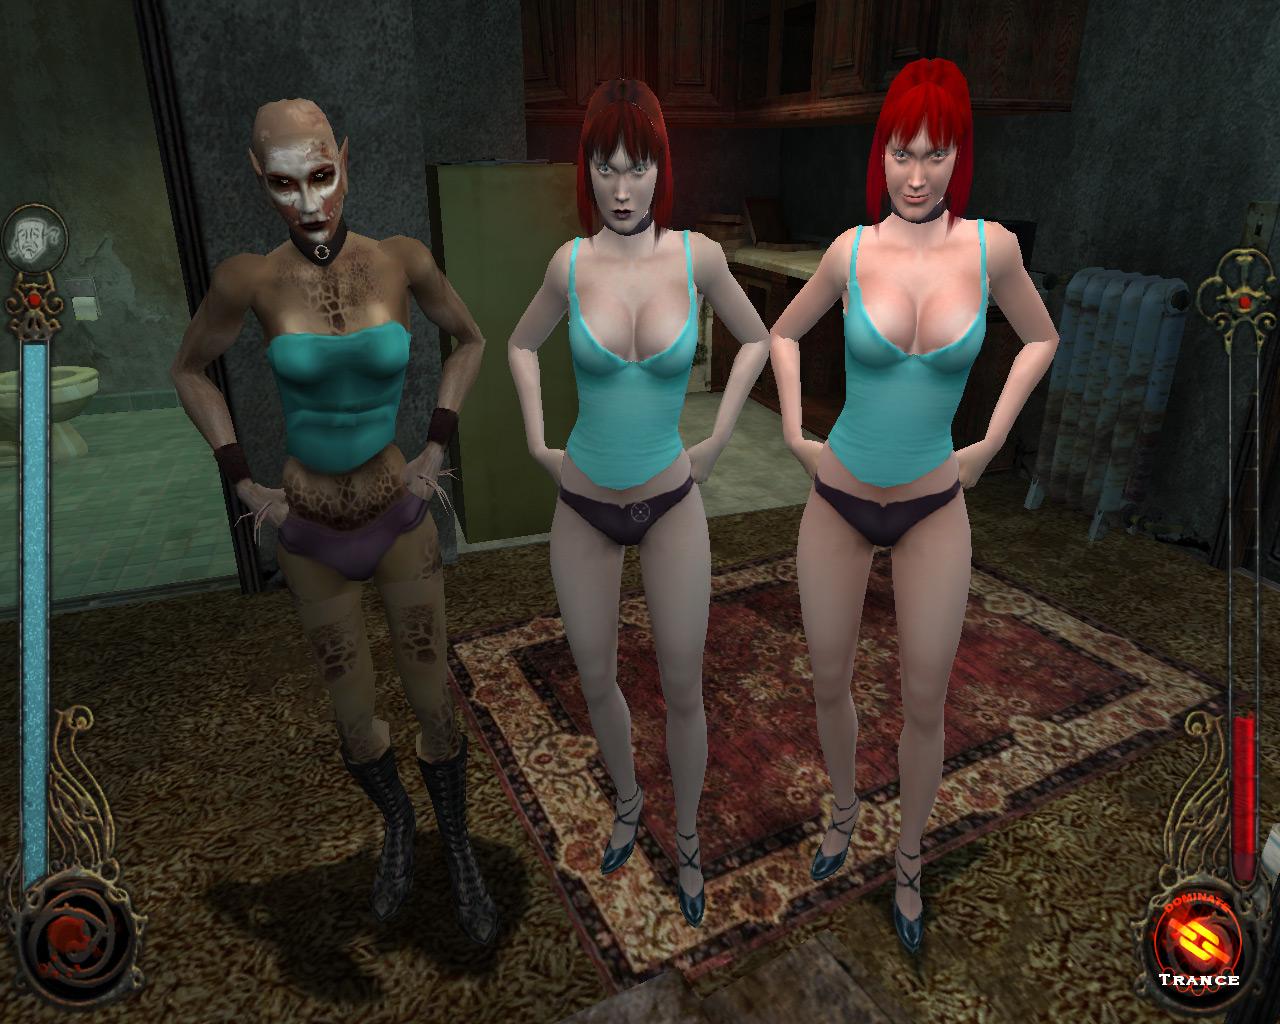 Vampire the masquerade nude mod